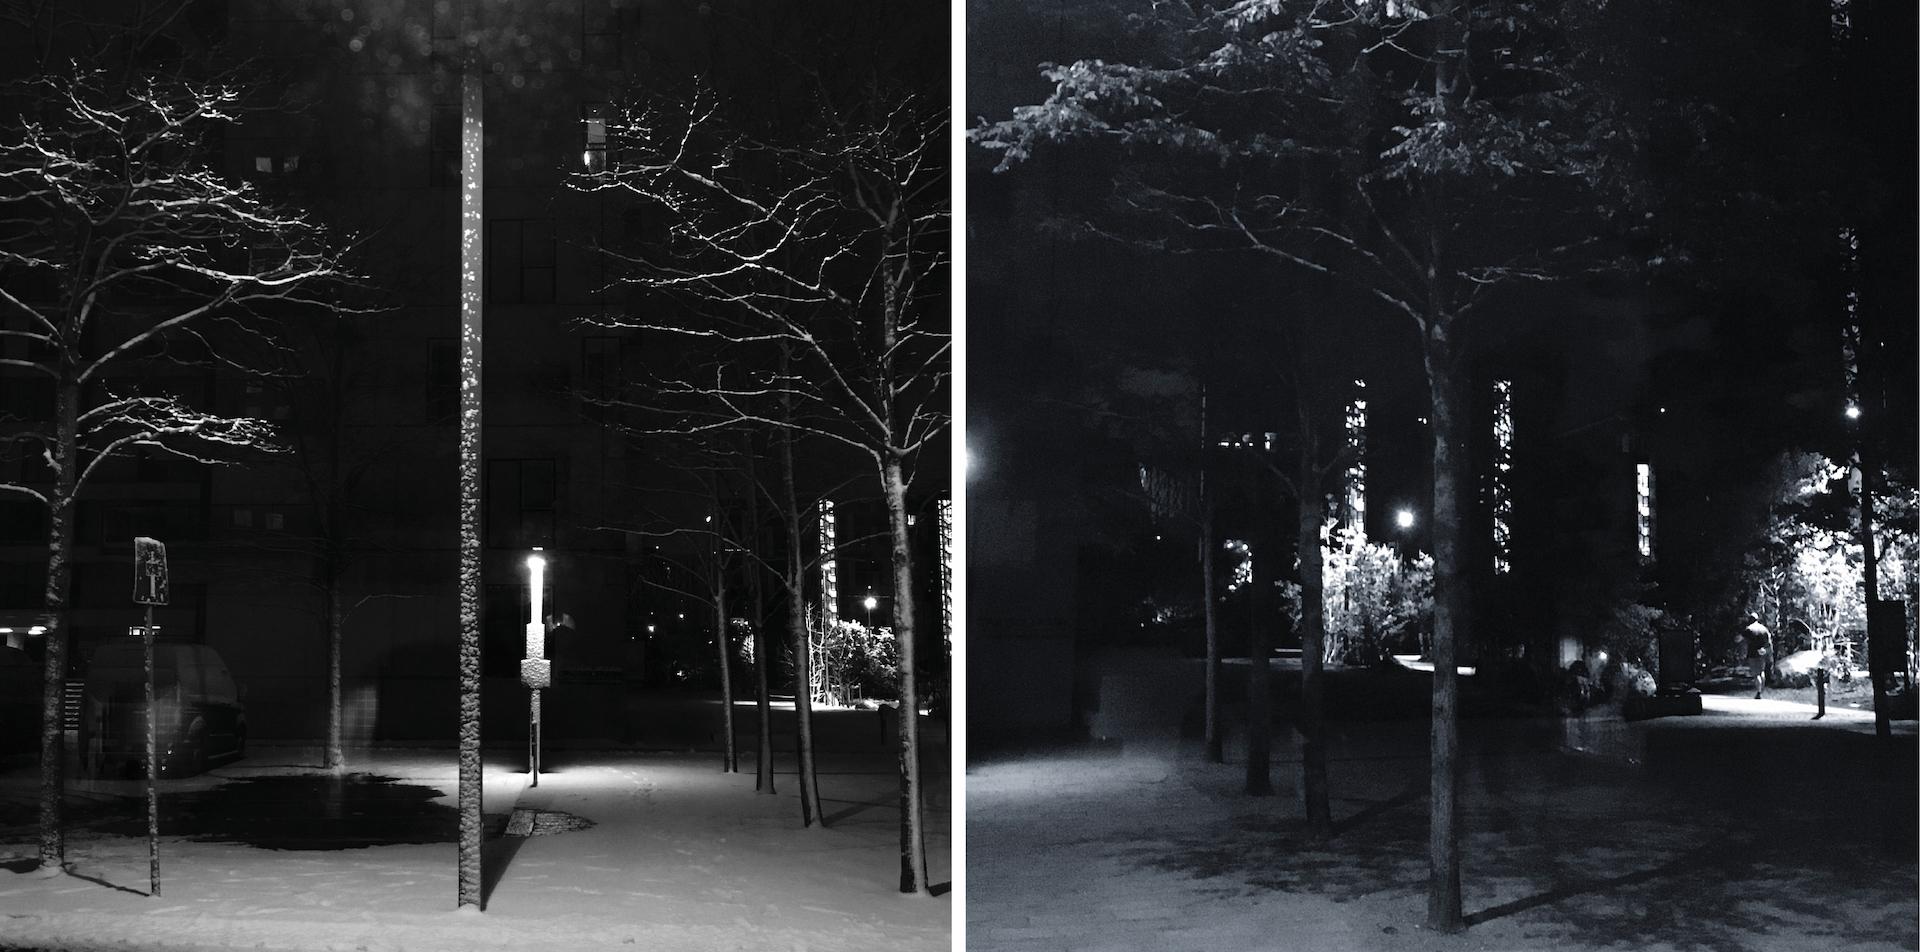 Billeder viser træer og lygtepæle i mørke